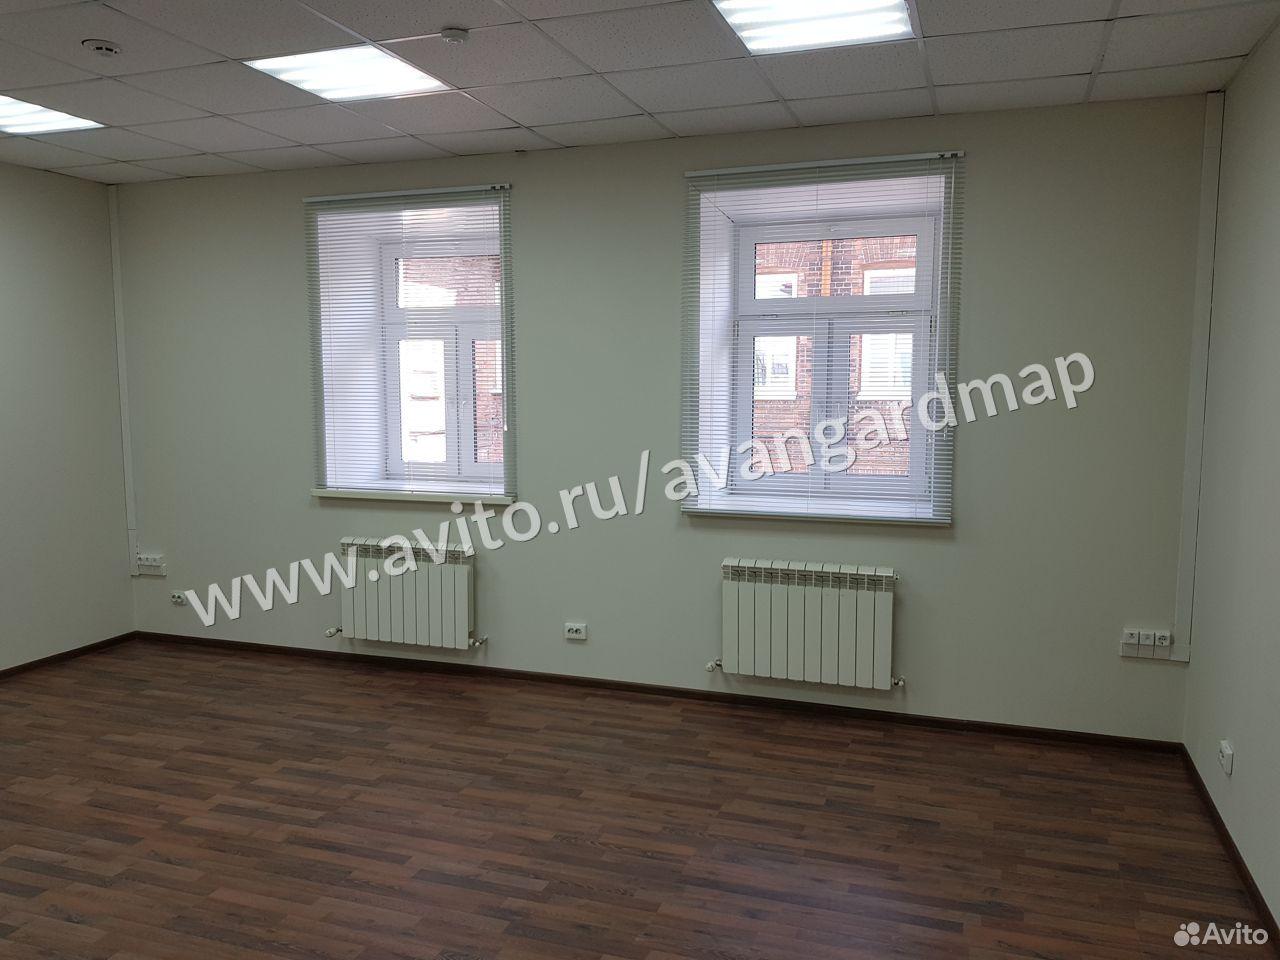 Офисные/свободные помещения, 20-250 м²  89159205694 купить 2